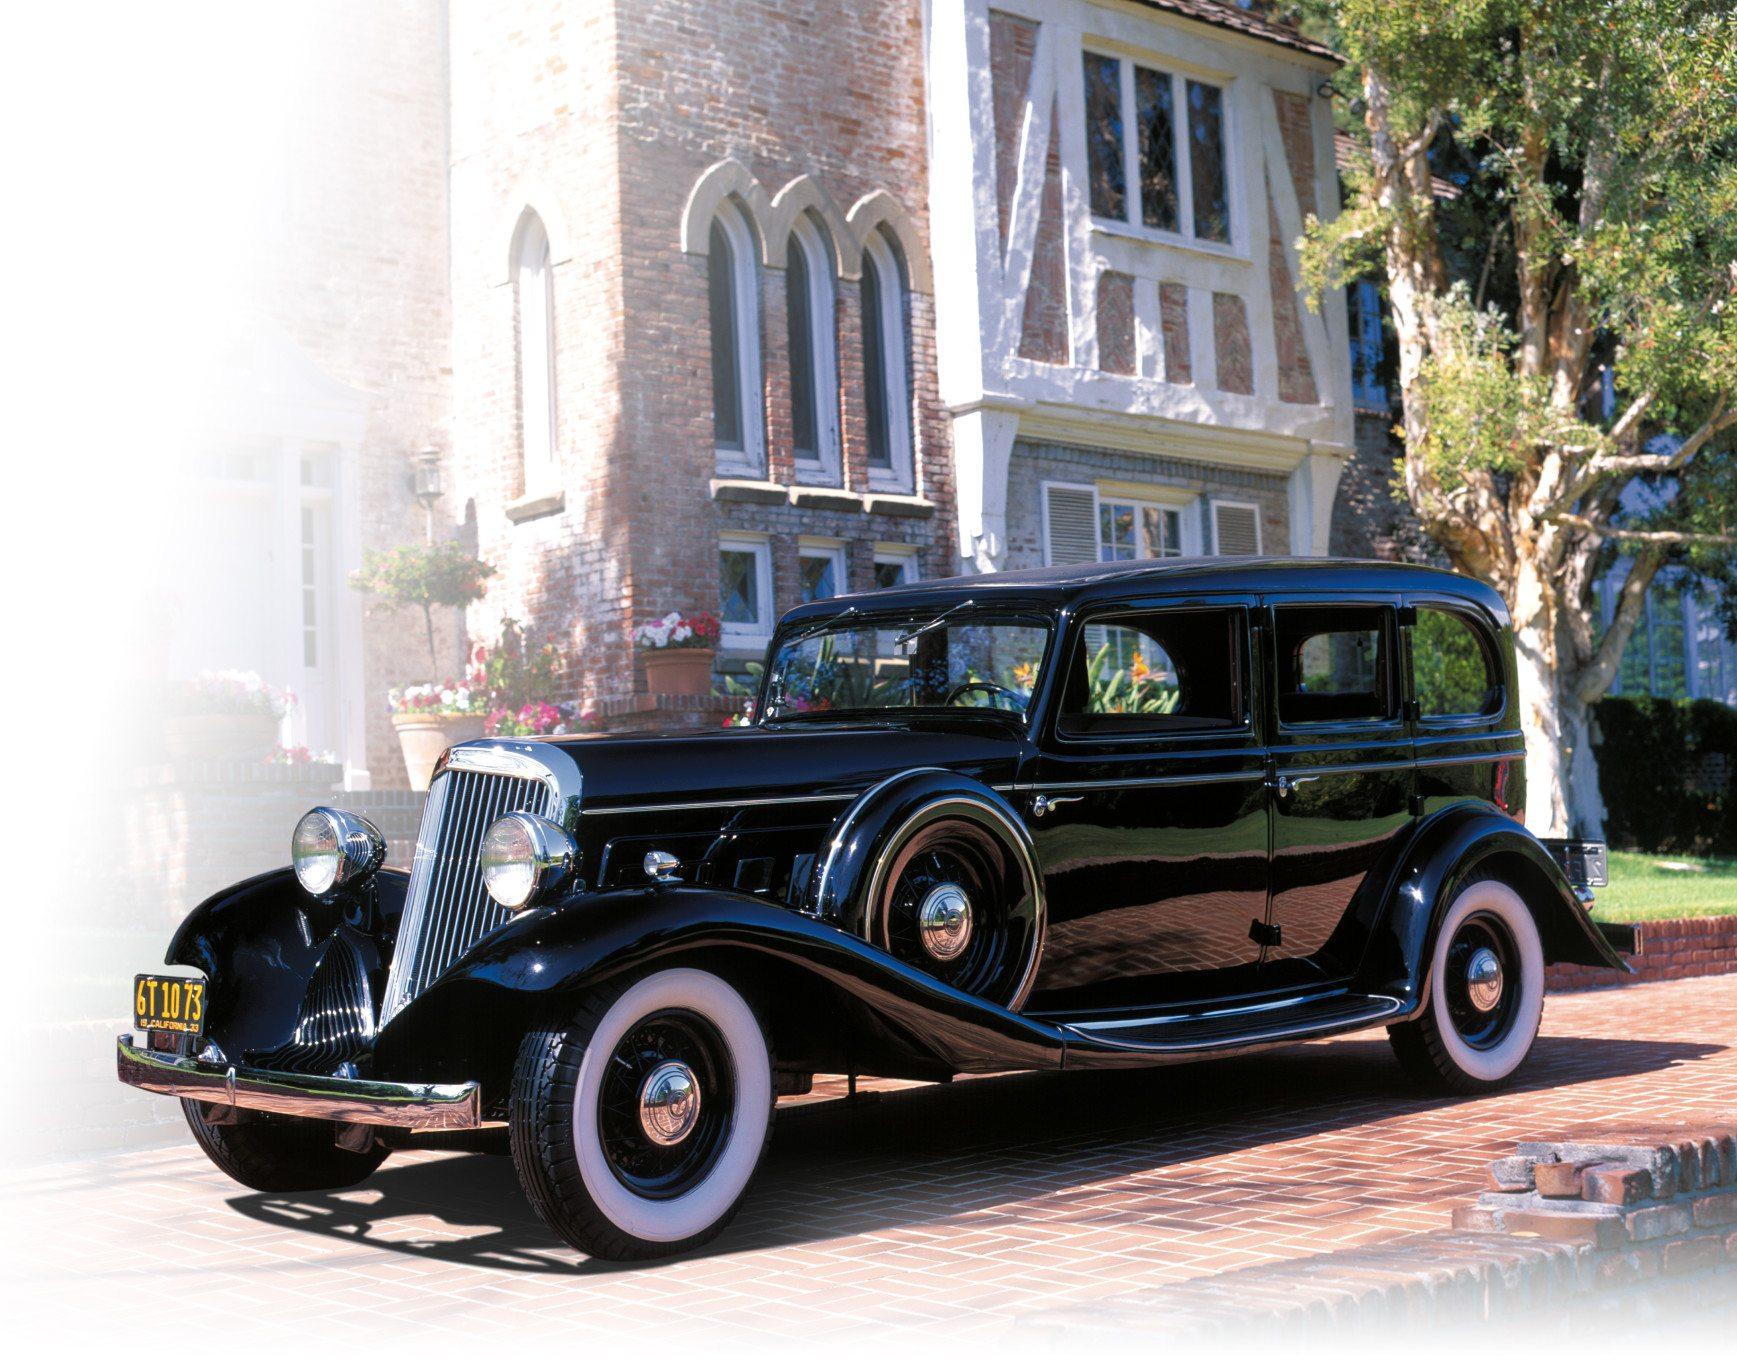 Franklin V12 Supercharged Air-cooled V12 automobile engine